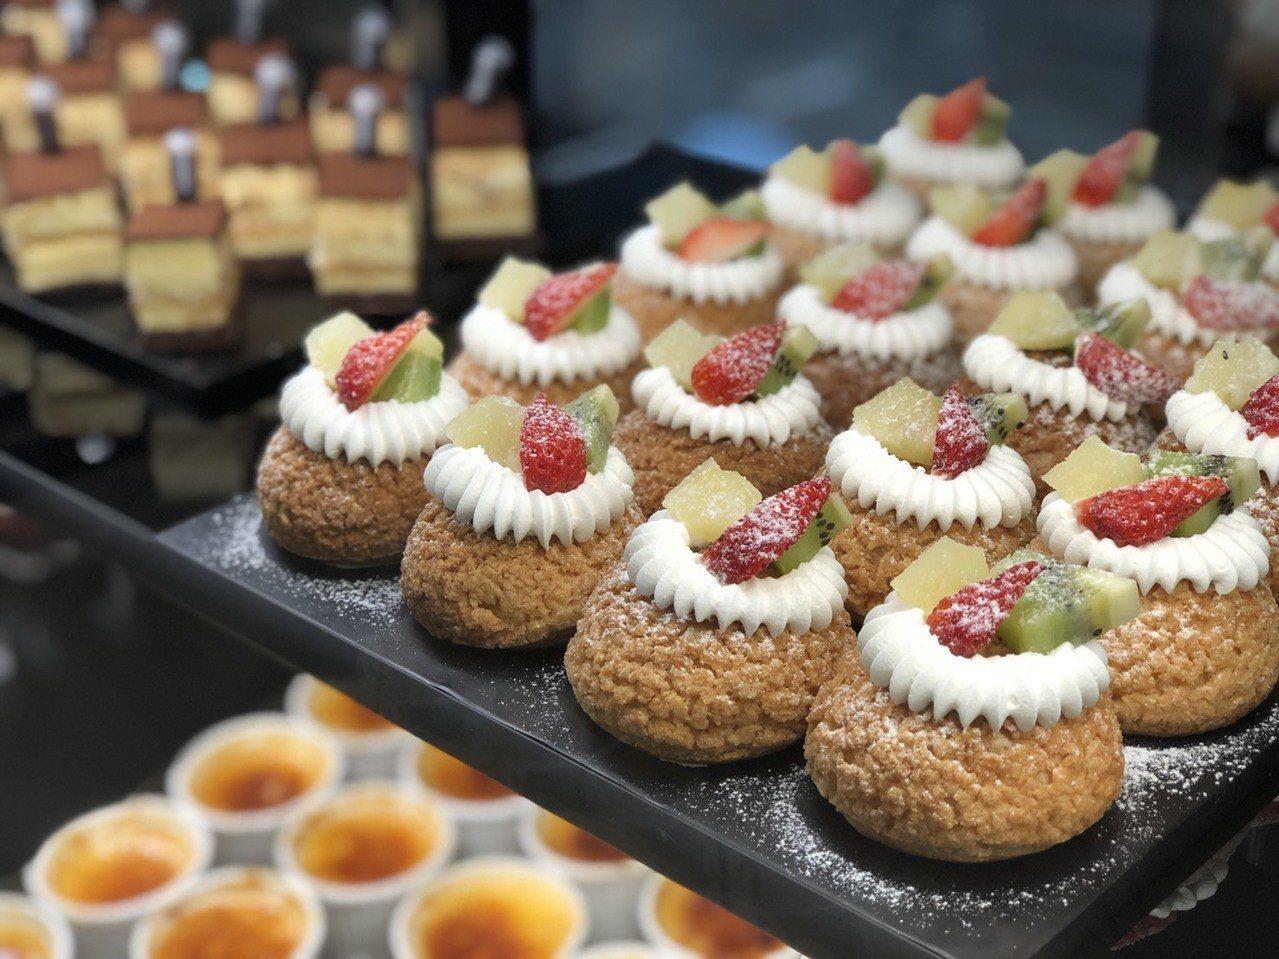 耐斯王子飯店「王子西點坊」擄獲不少甜點控的心。記者王慧瑛/攝影